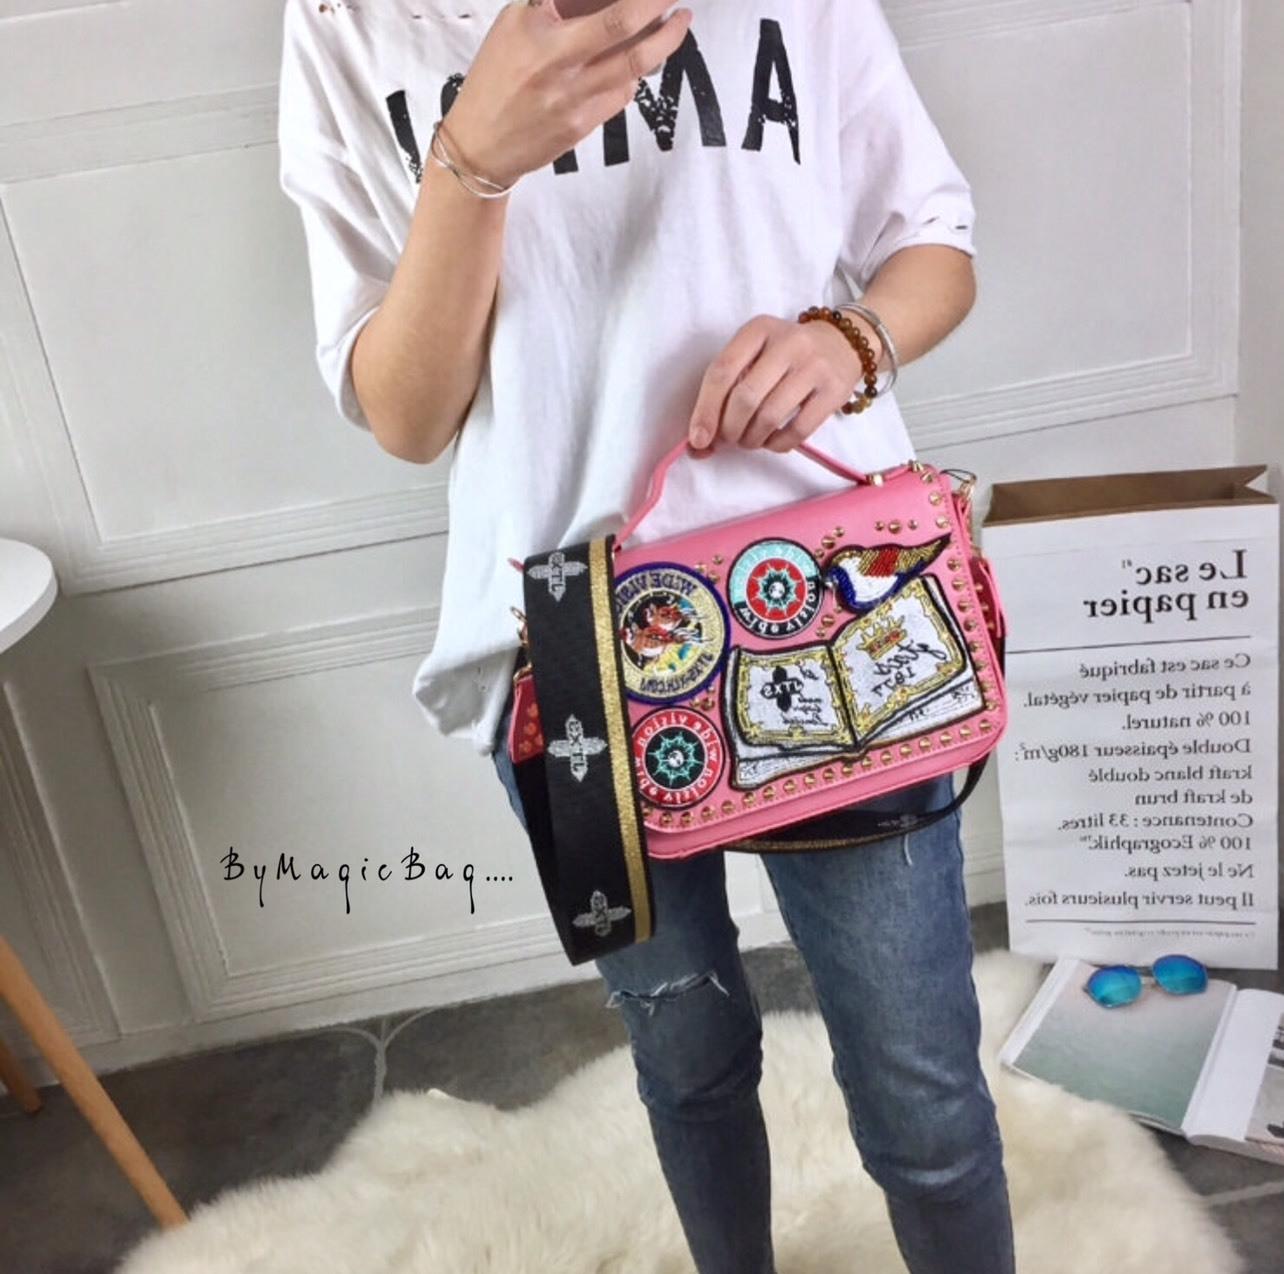 กระเป๋าสะพาย สีชมพู JTXS bag made in Hong Kong 2017...งานแท้นะคะ